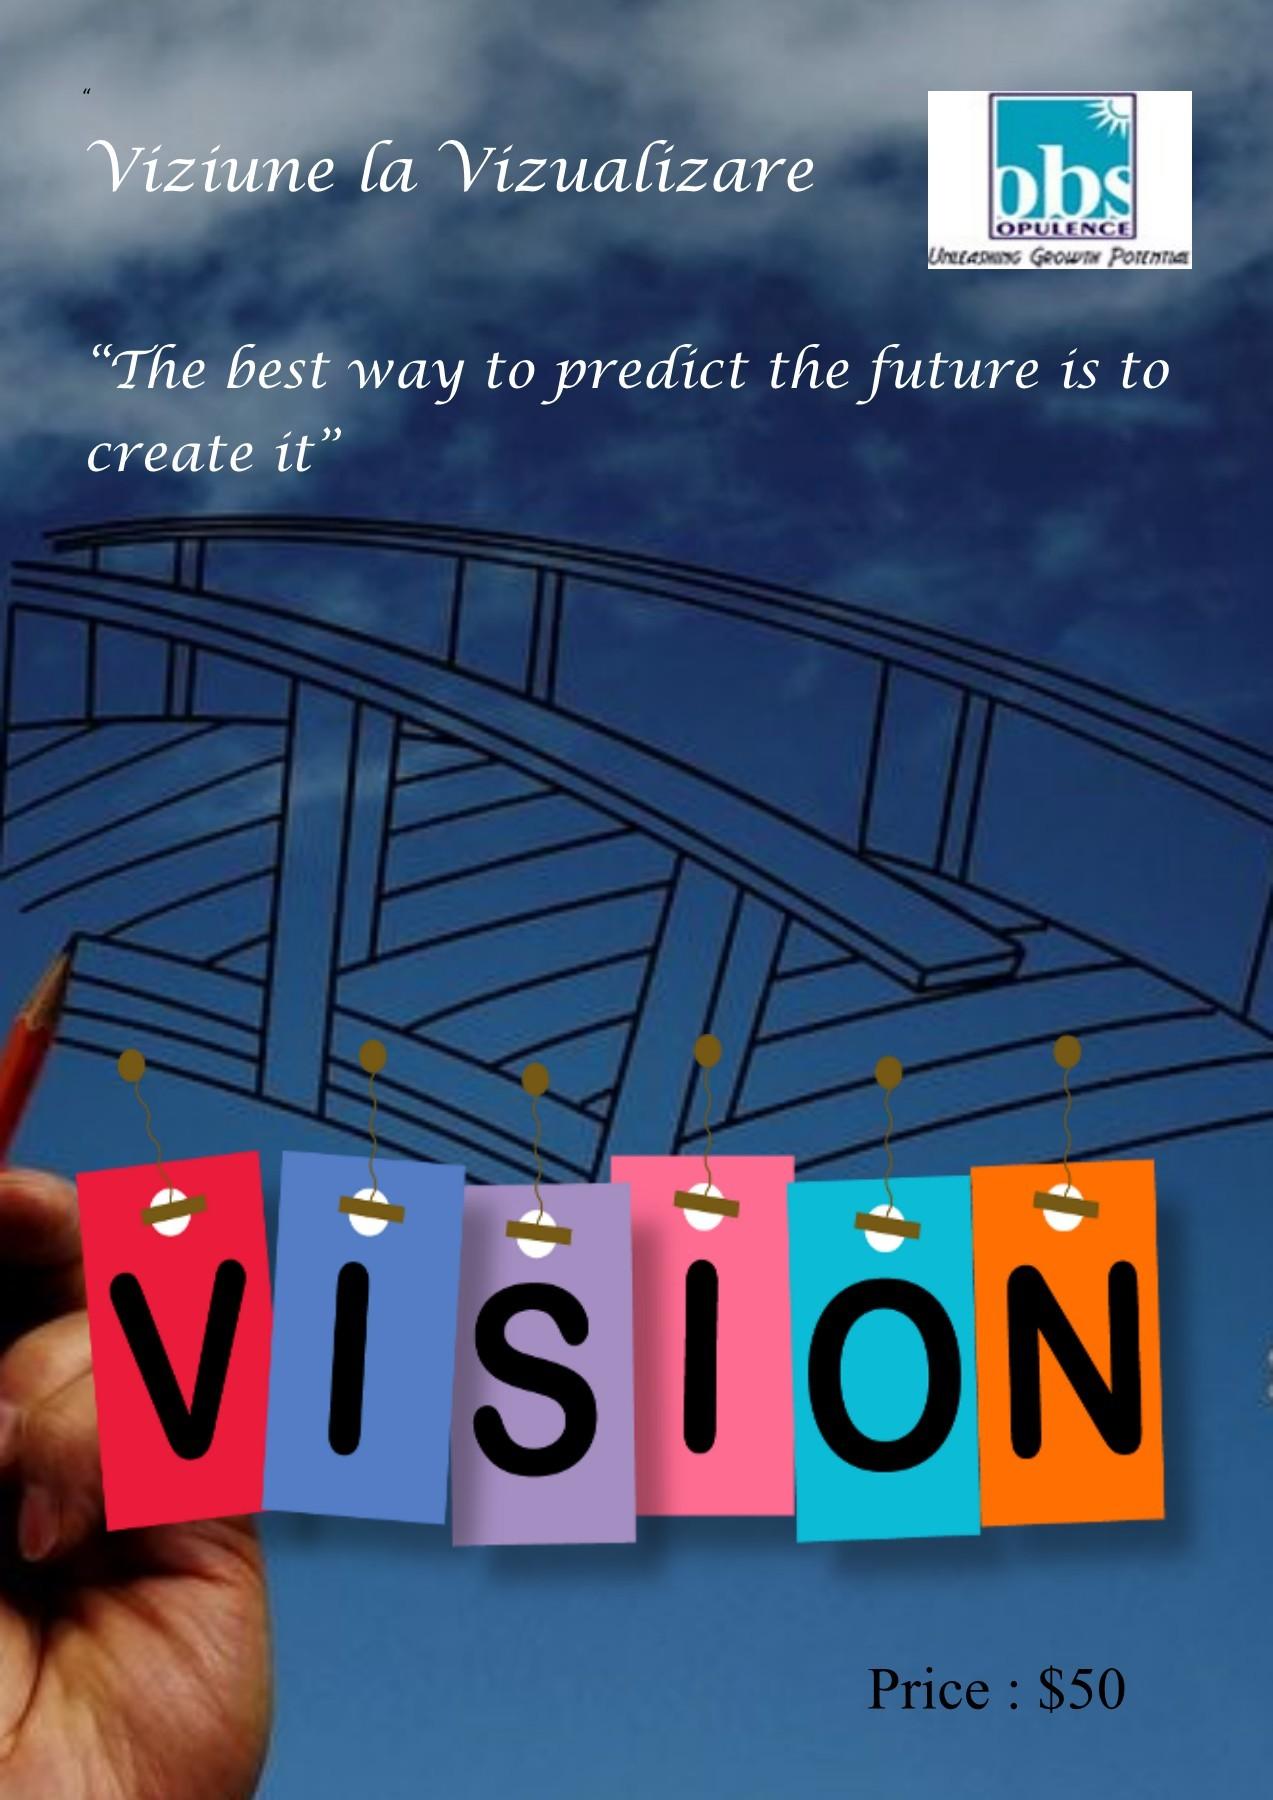 Ce înseamnă viziune 4